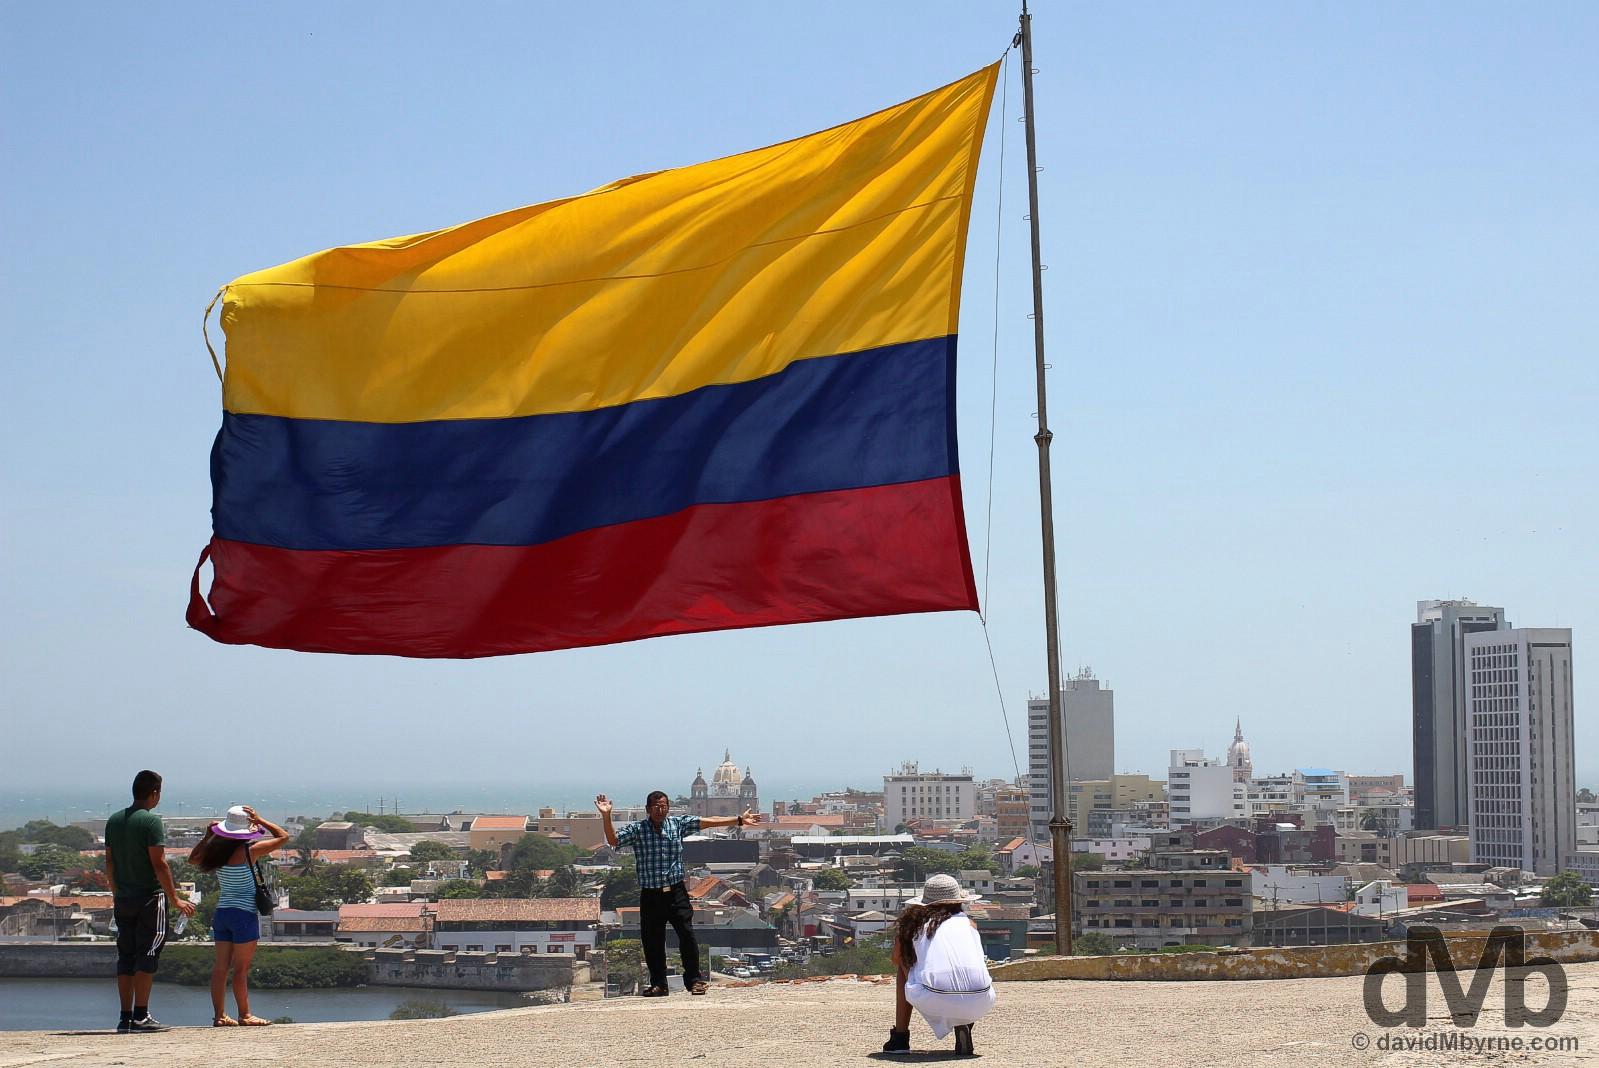 Castillo de San Felipe de Barajas overlooking the city of Cartagena, Colombia. June 25, 2015.